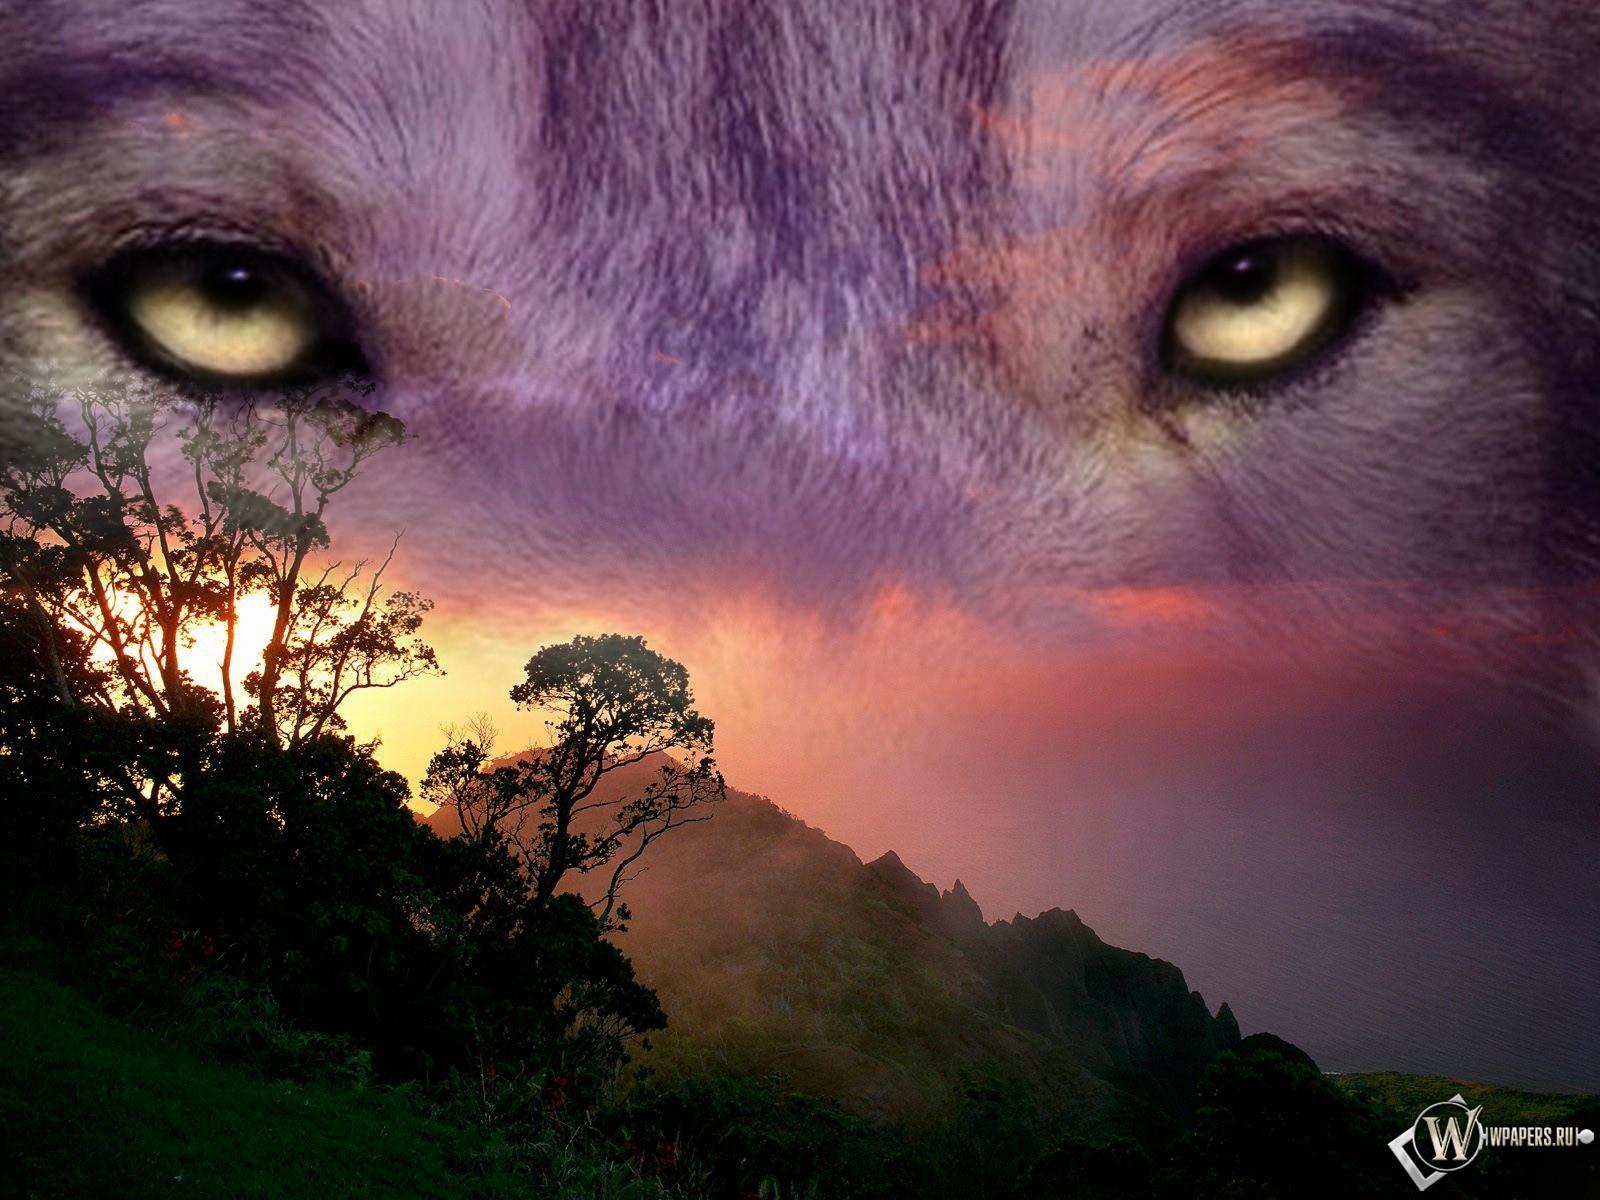 Волчий взгляд 1600x1200